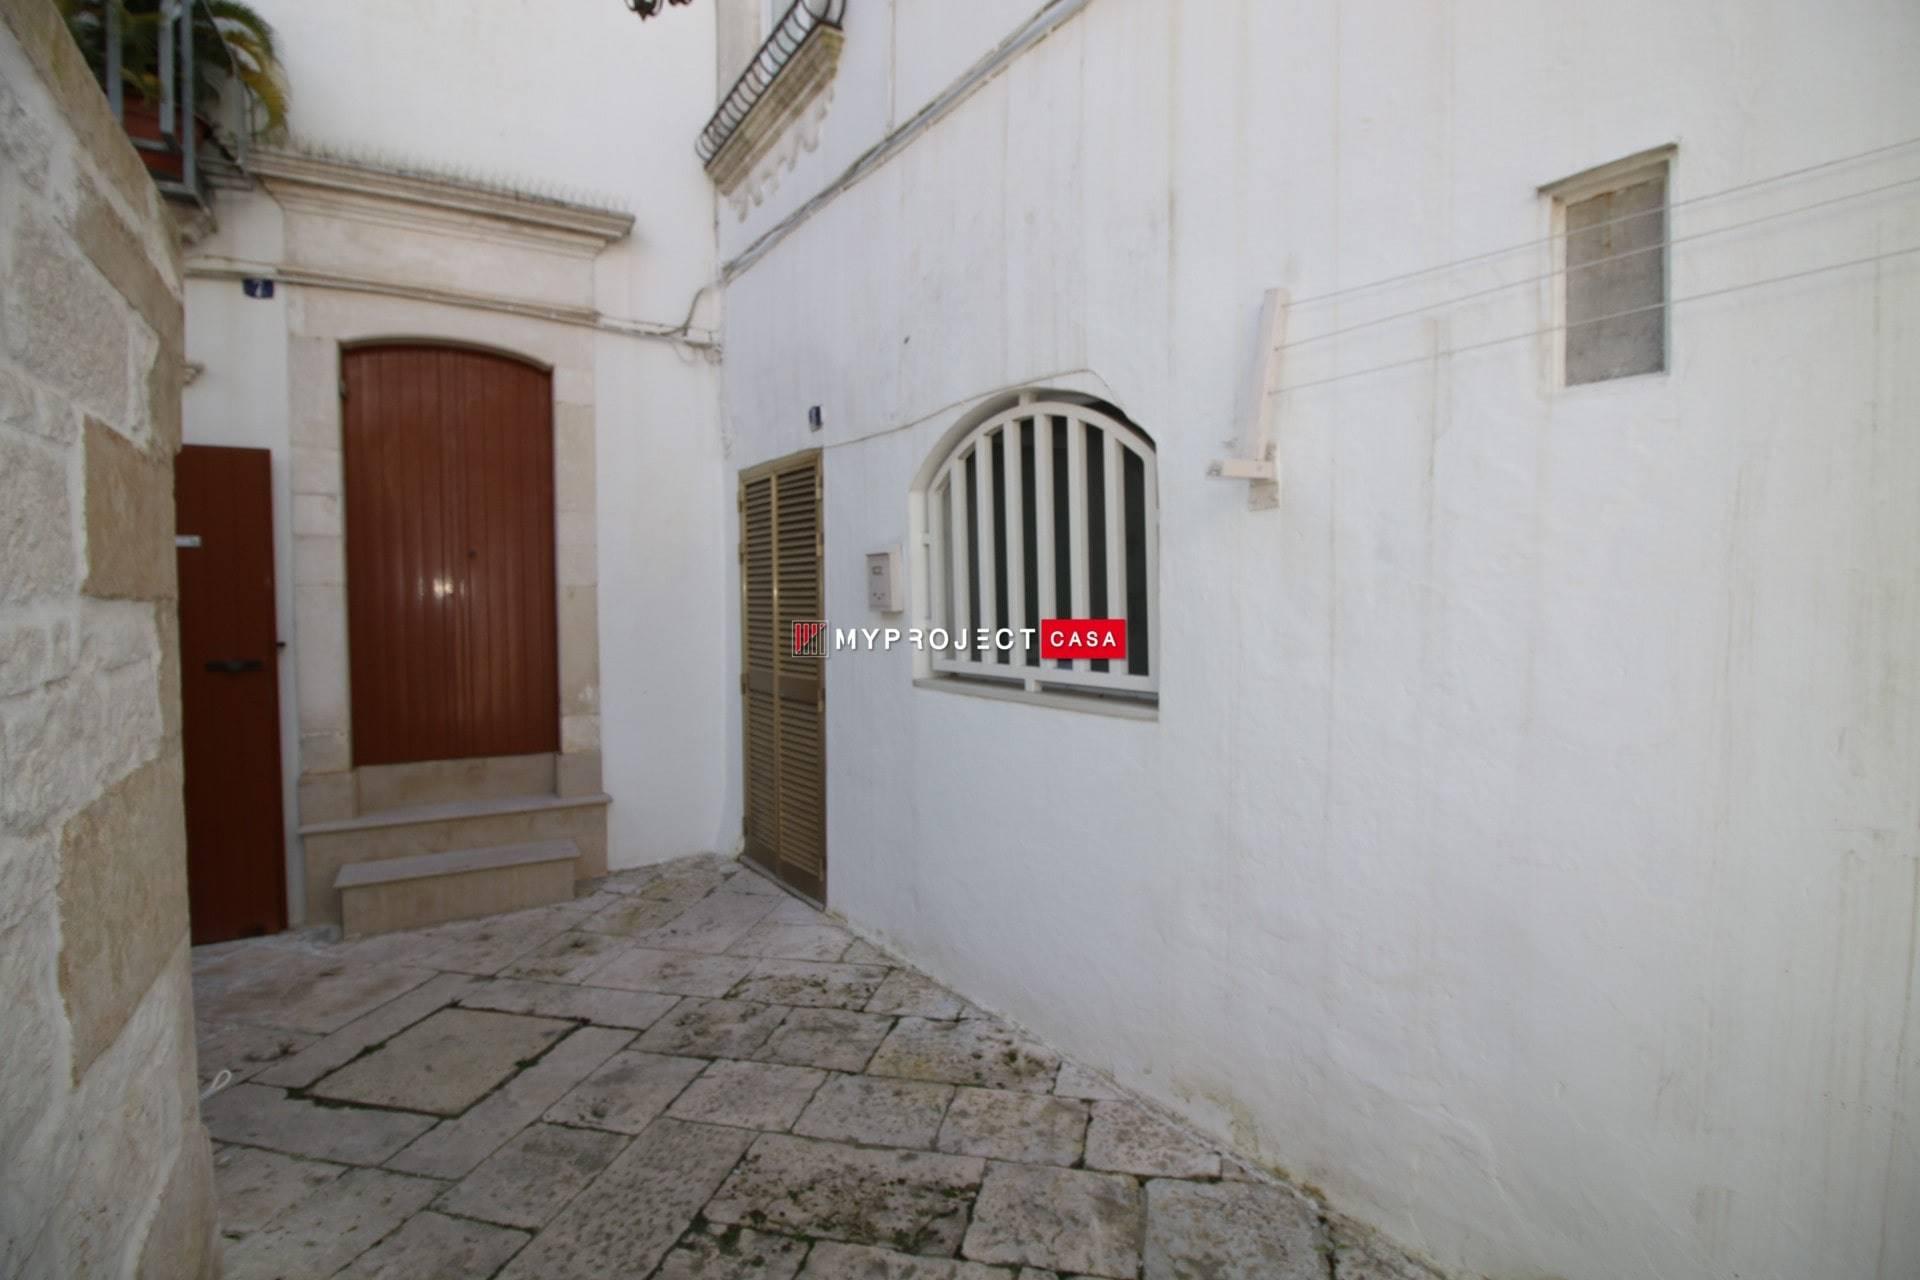 Soluzione Indipendente in affitto a Martina Franca, 2 locali, zona Località: CENTRO STORICO, prezzo € 320   CambioCasa.it